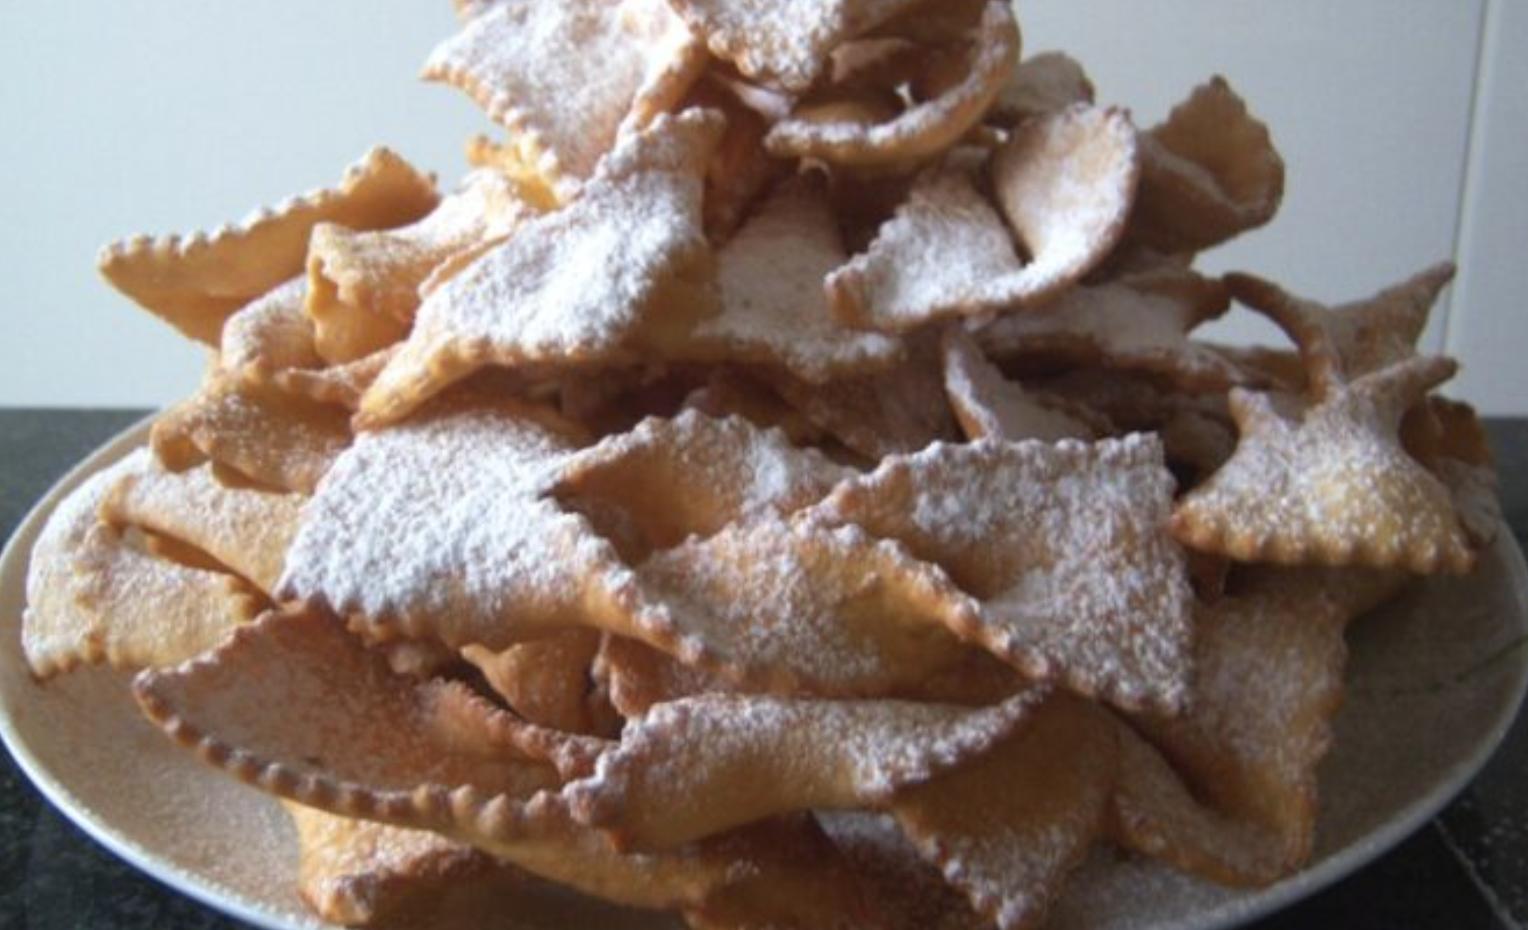 chiacchiere-di-carnevale,-golosi-dolci-fritti,-croccanti-e-irresistibili.-il-tocco-per-gustarle-meglio